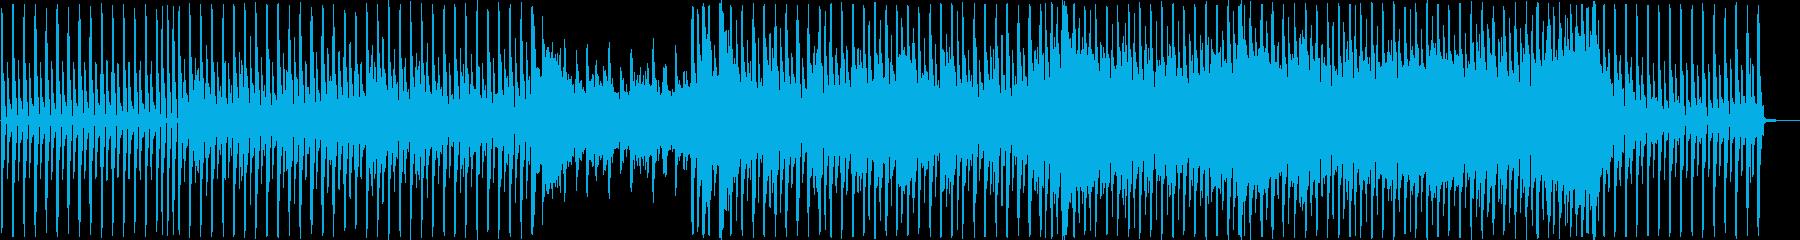 明るく元気の出るノリノリなポップハウスの再生済みの波形